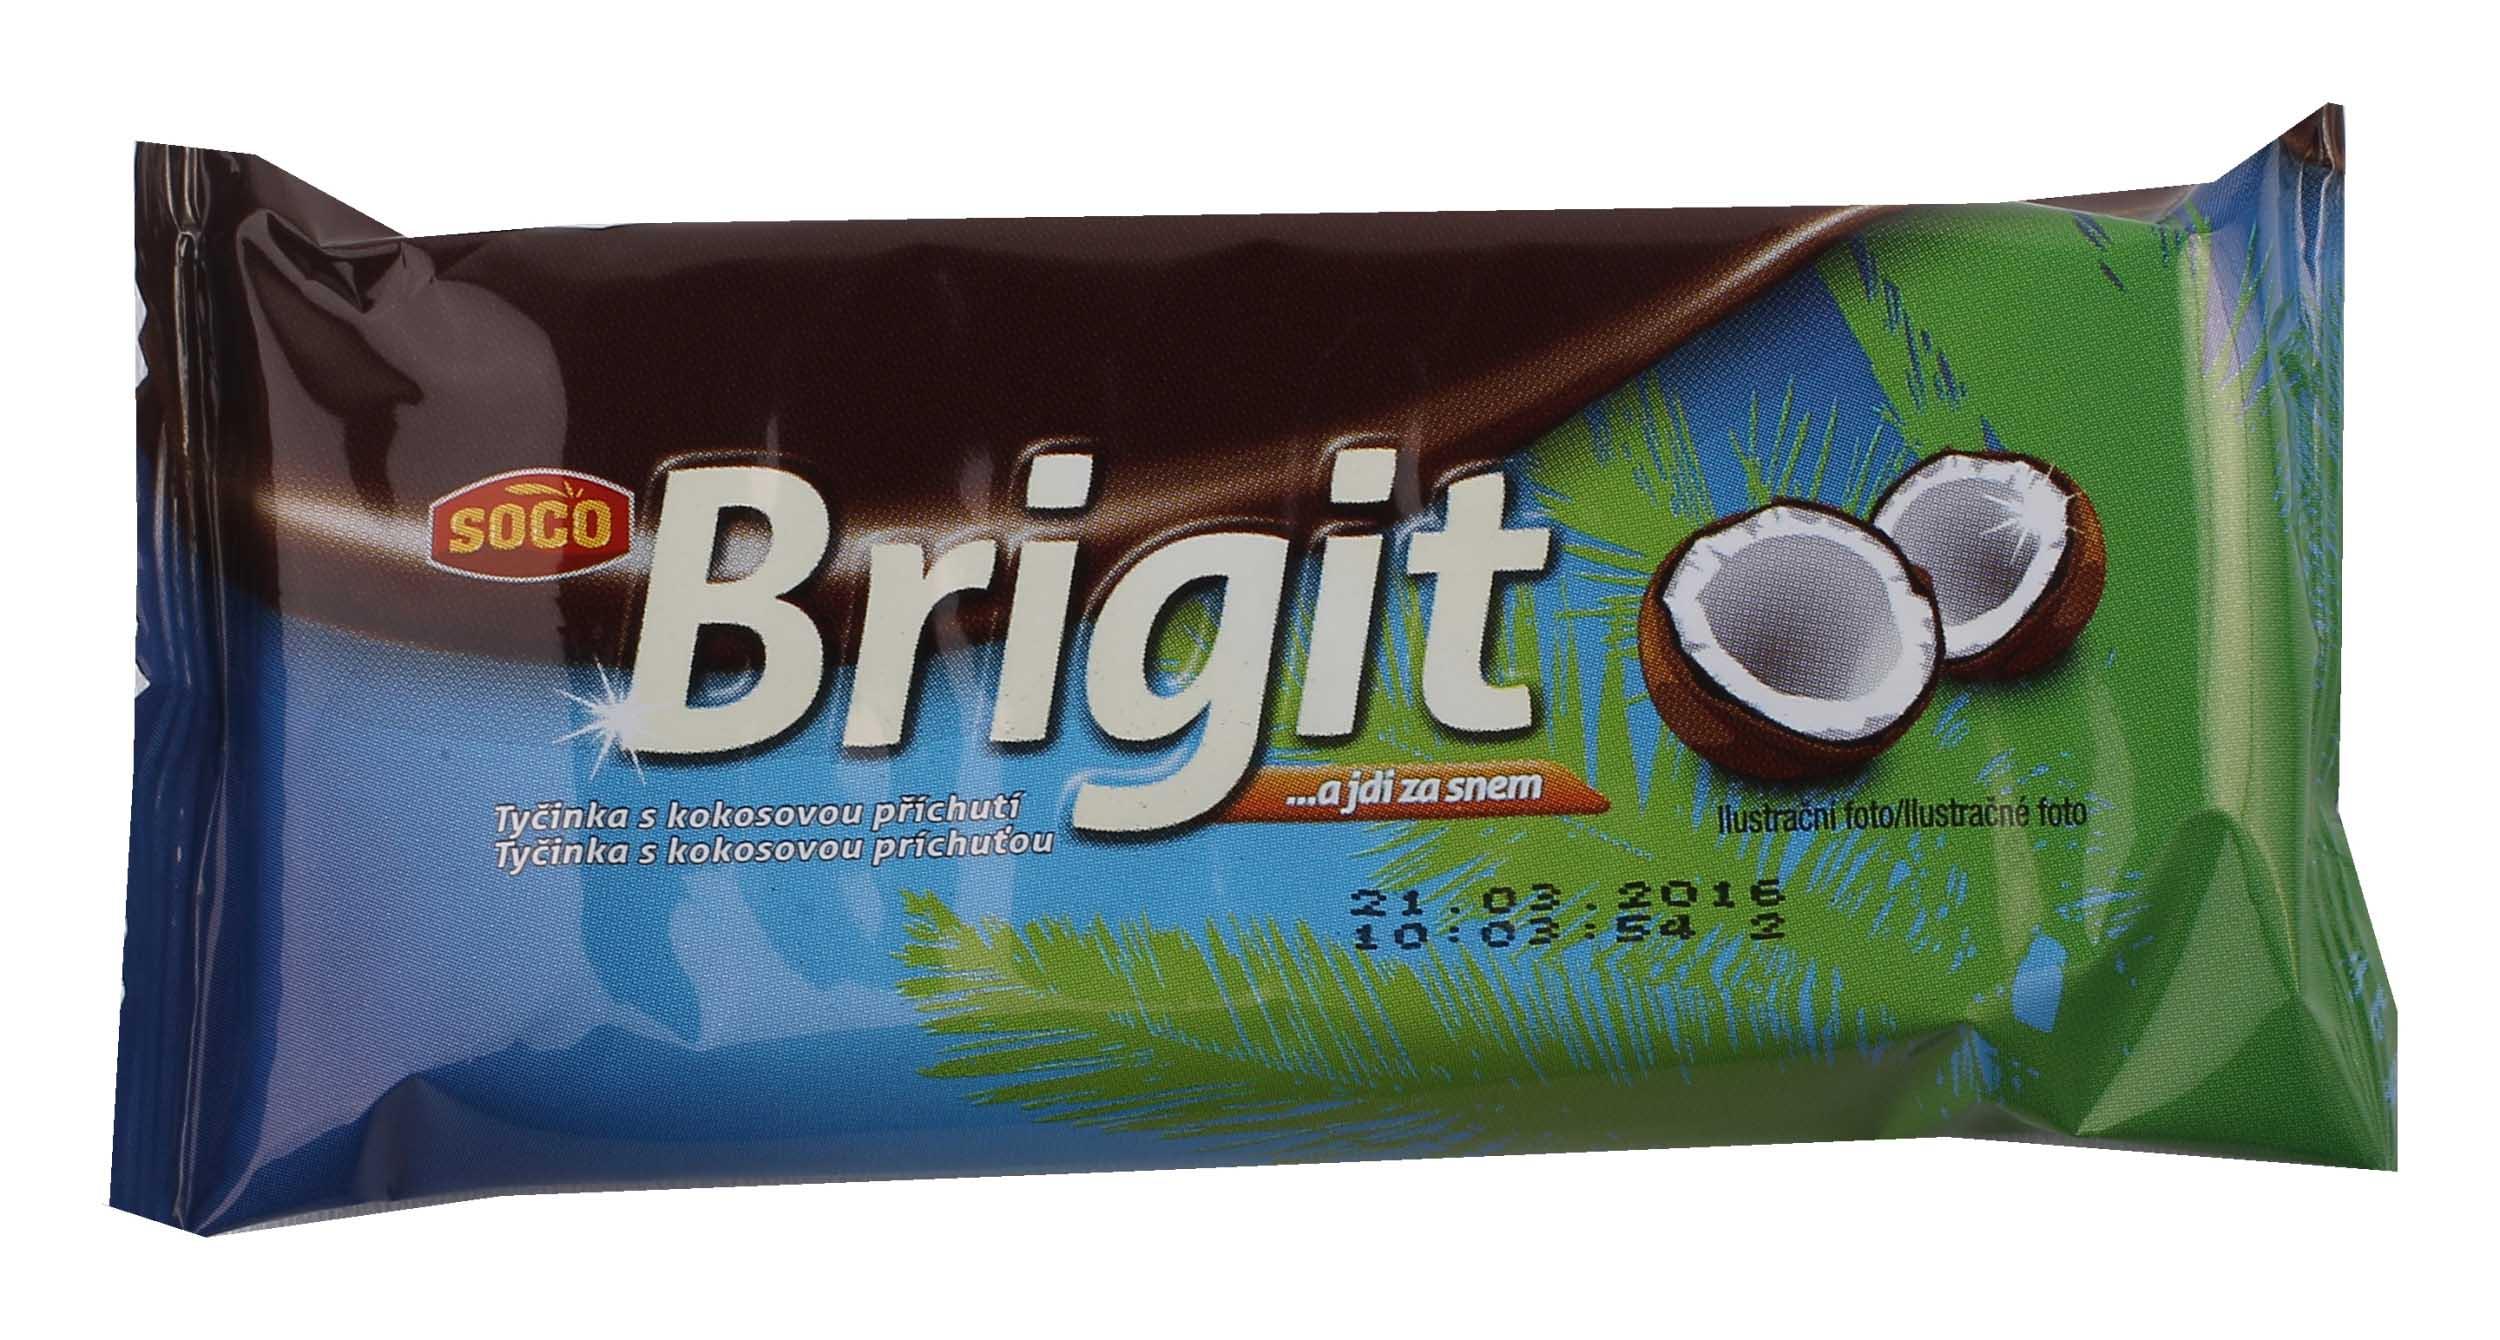 Brigit – tyčinka skokosovou příchutí 90g bez lepku